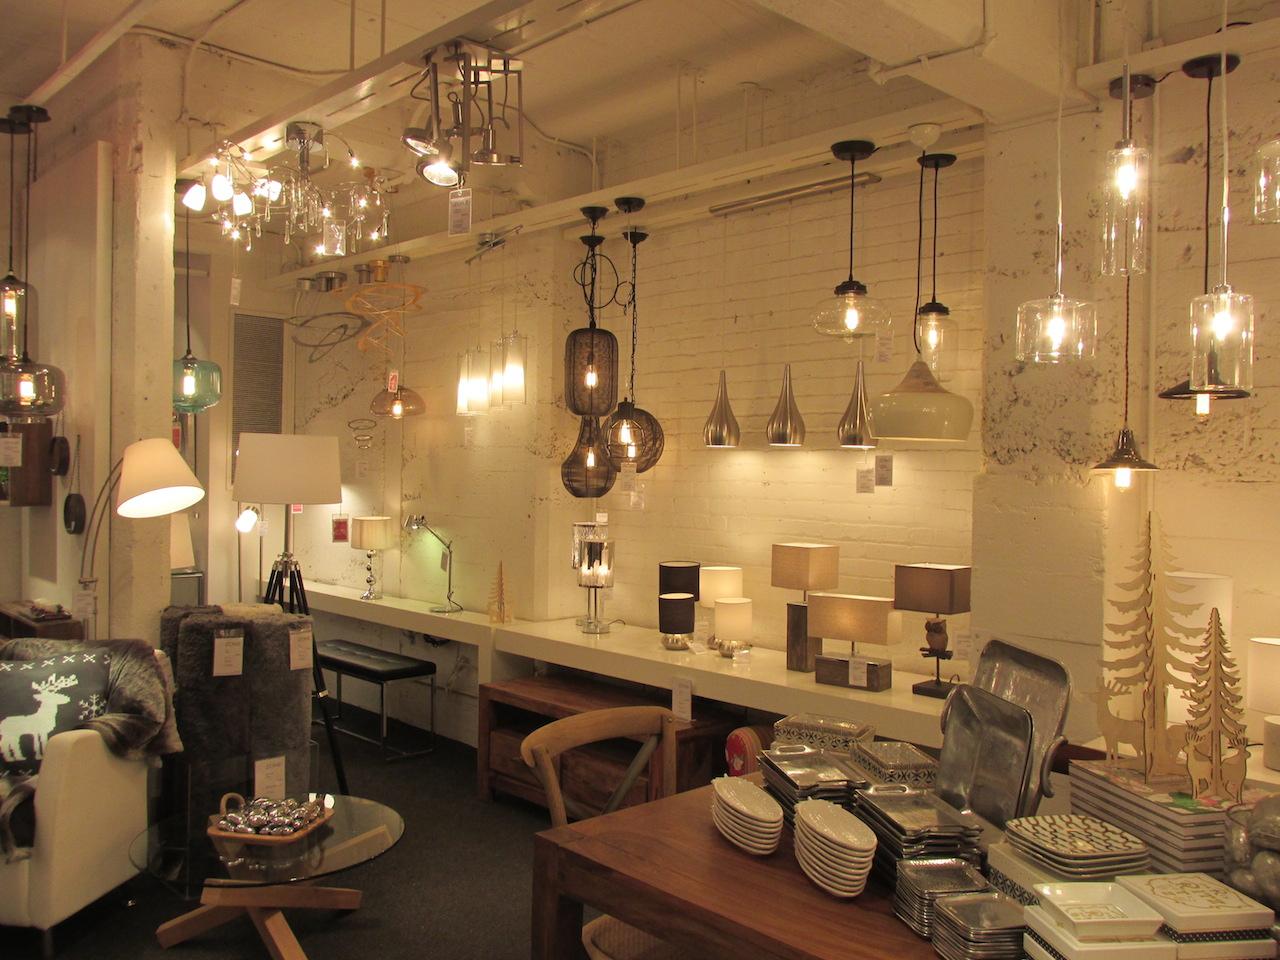 luminaires zone maison montréal st-denis